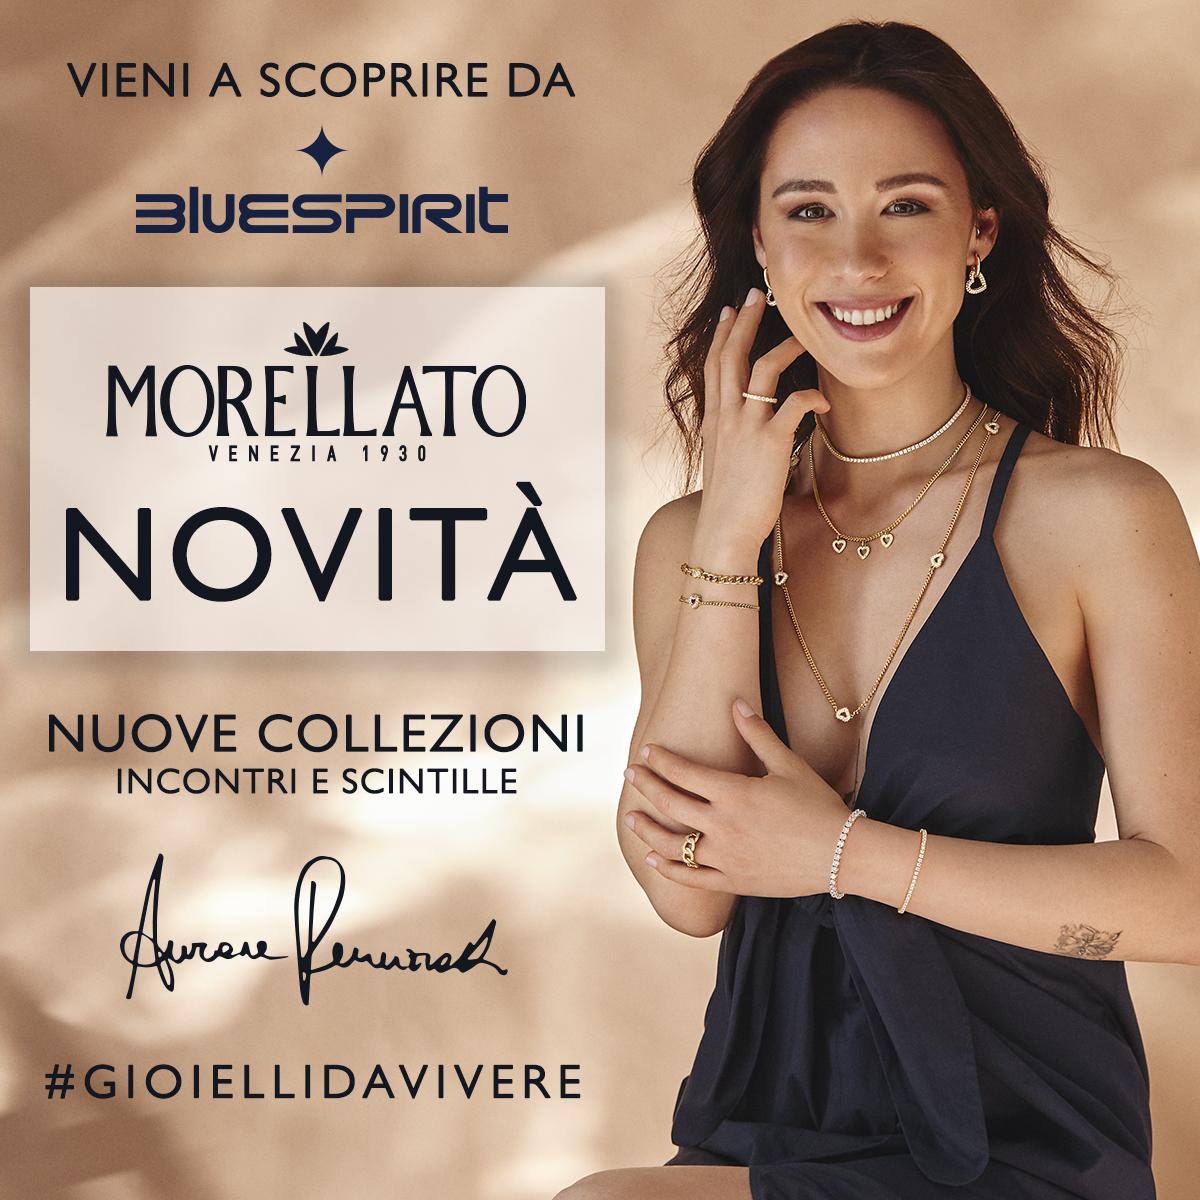 Bluespirit: Nuove collezioni Morellato